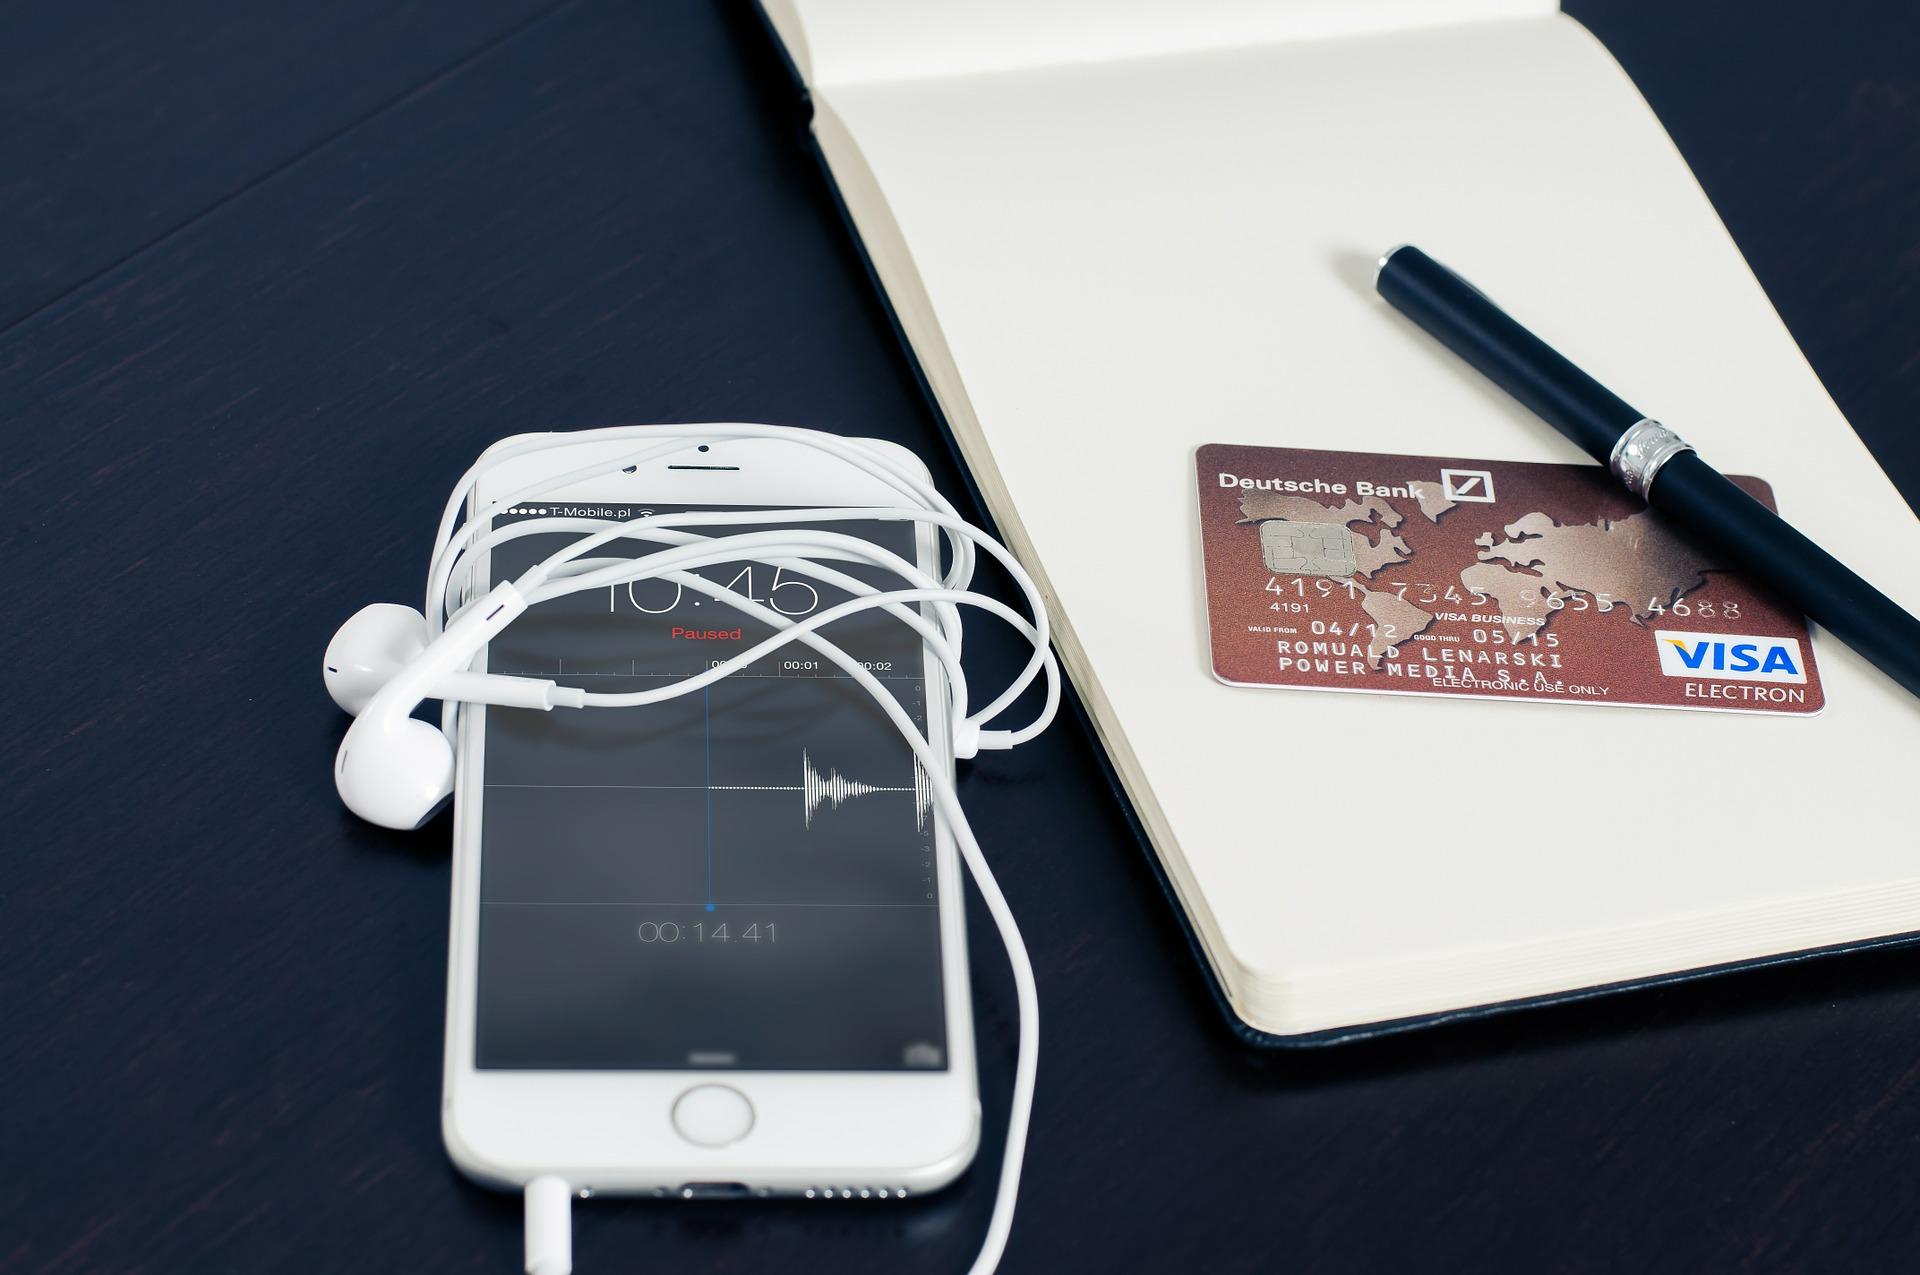 Поддерживаемое Марком Кьюбаном банковское приложение становится публичным